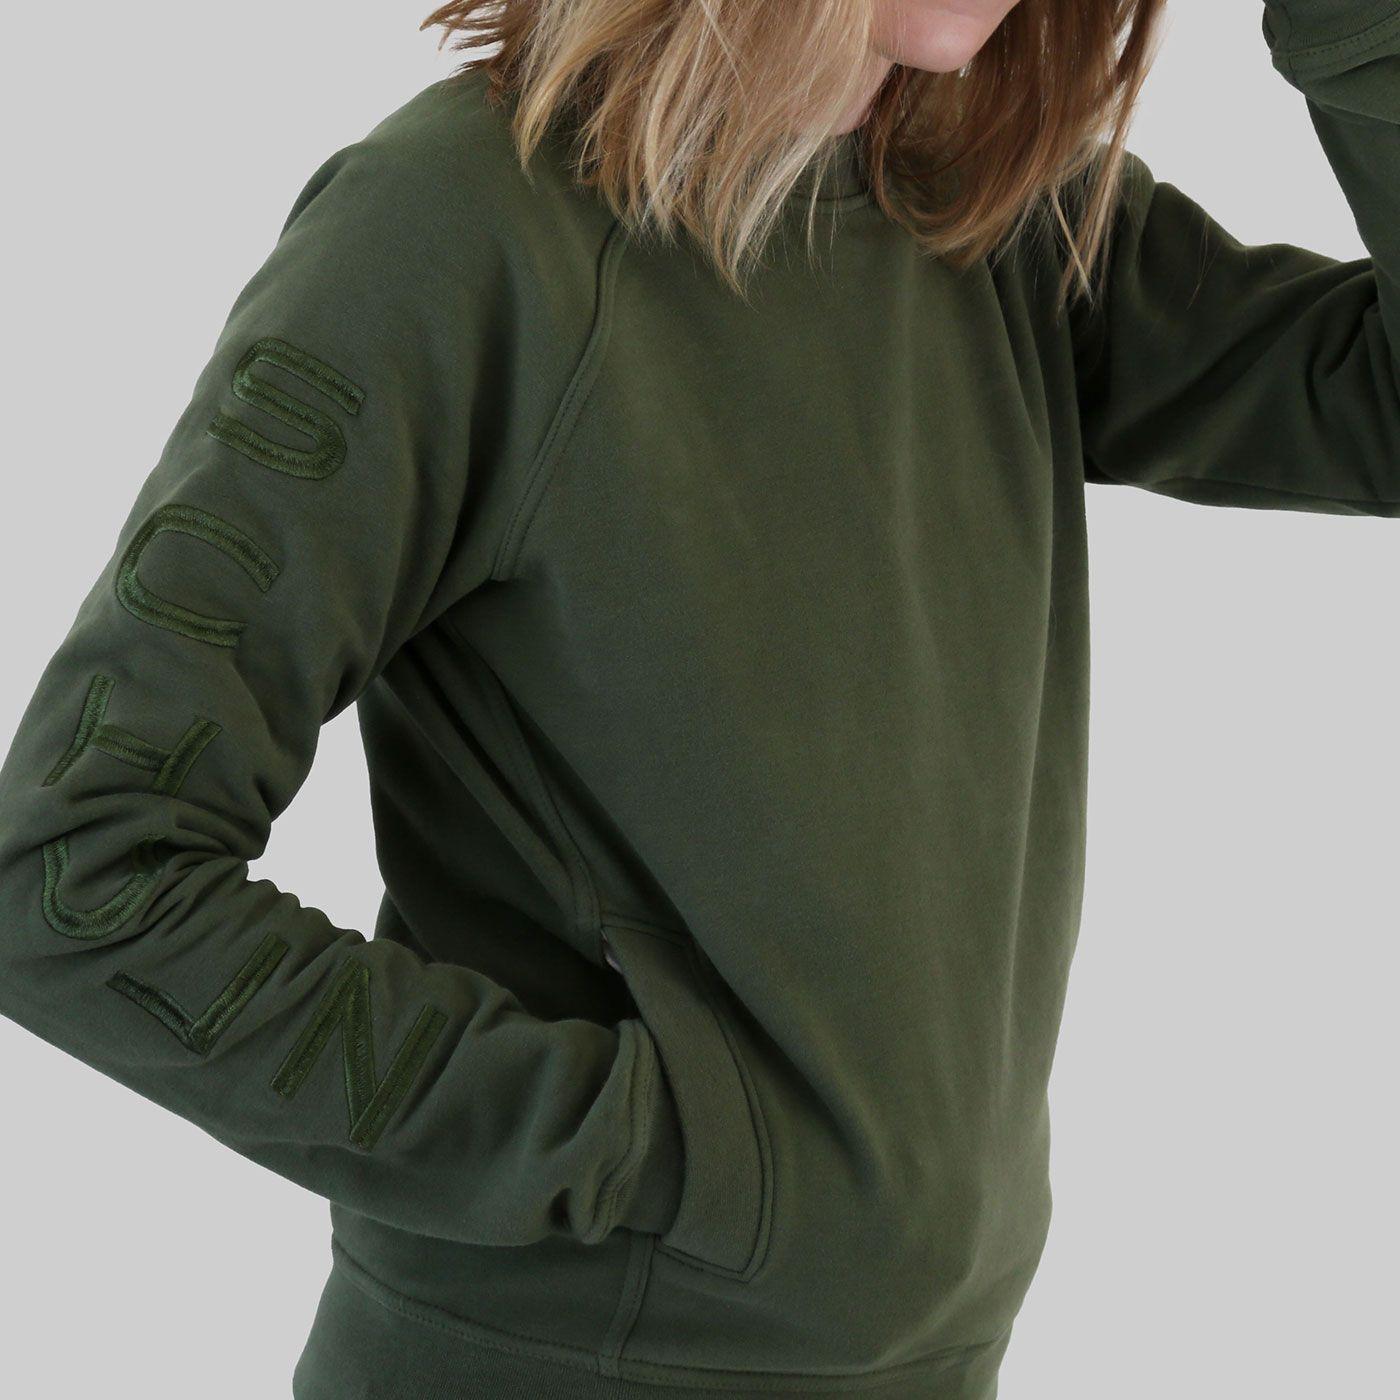 schulz pullover equestrian fashion clothes